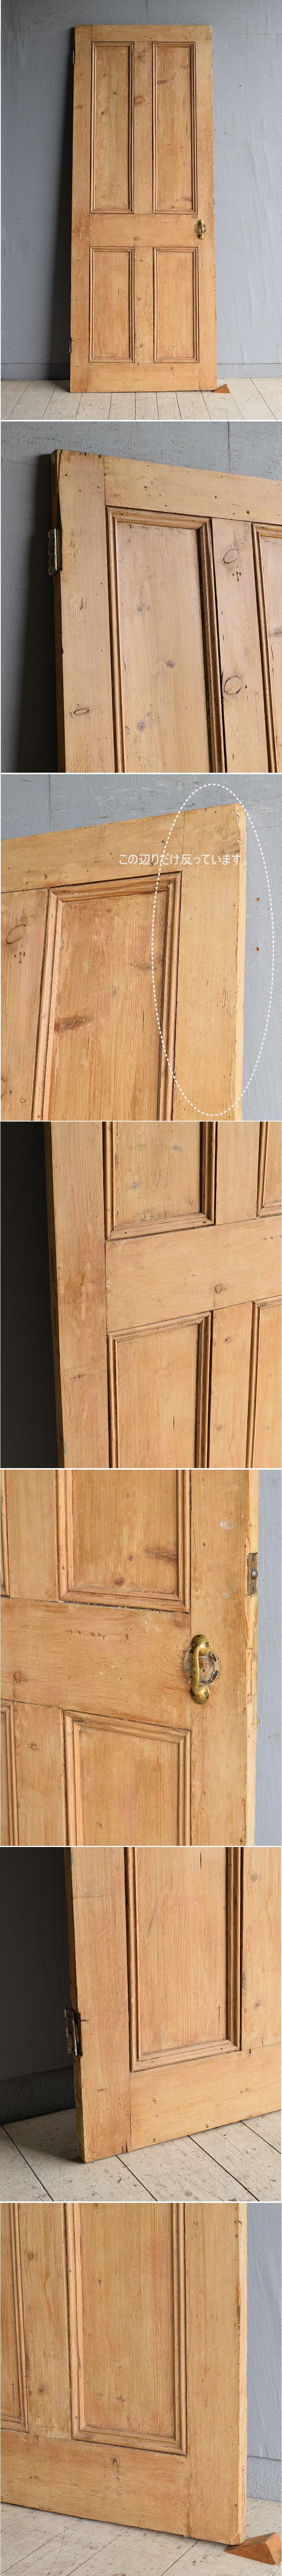 イギリス アンティーク オールドパイン ドア 扉 8305